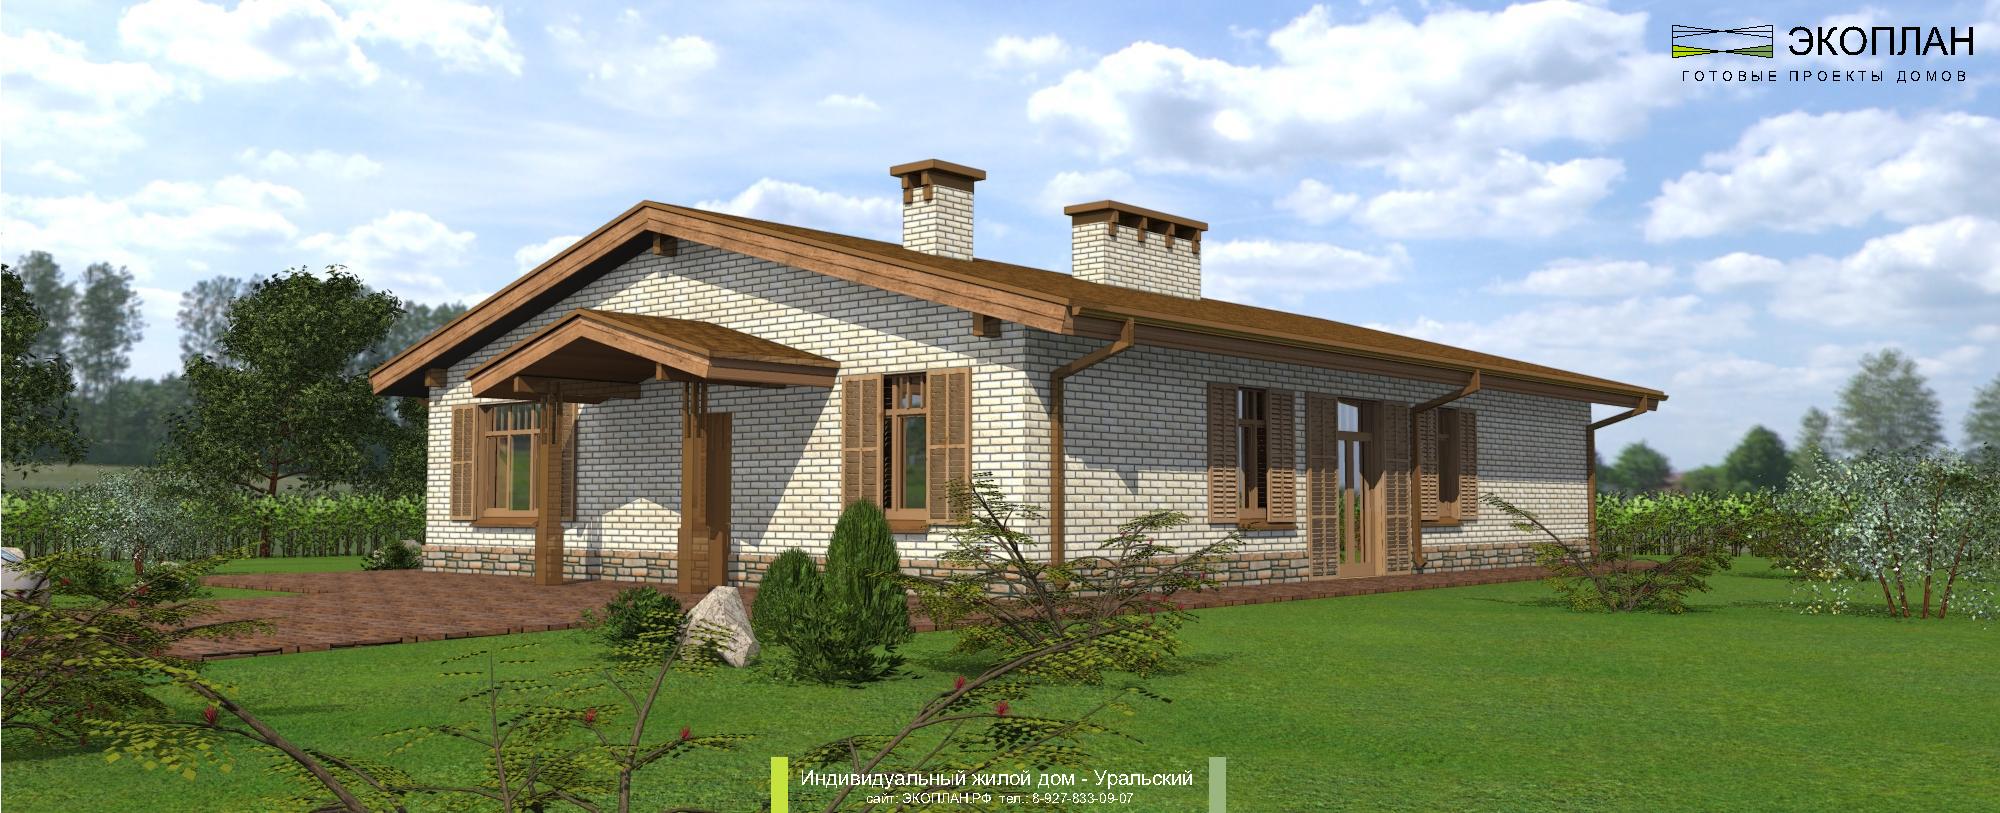 Готовый проект дома - Уральский фасад